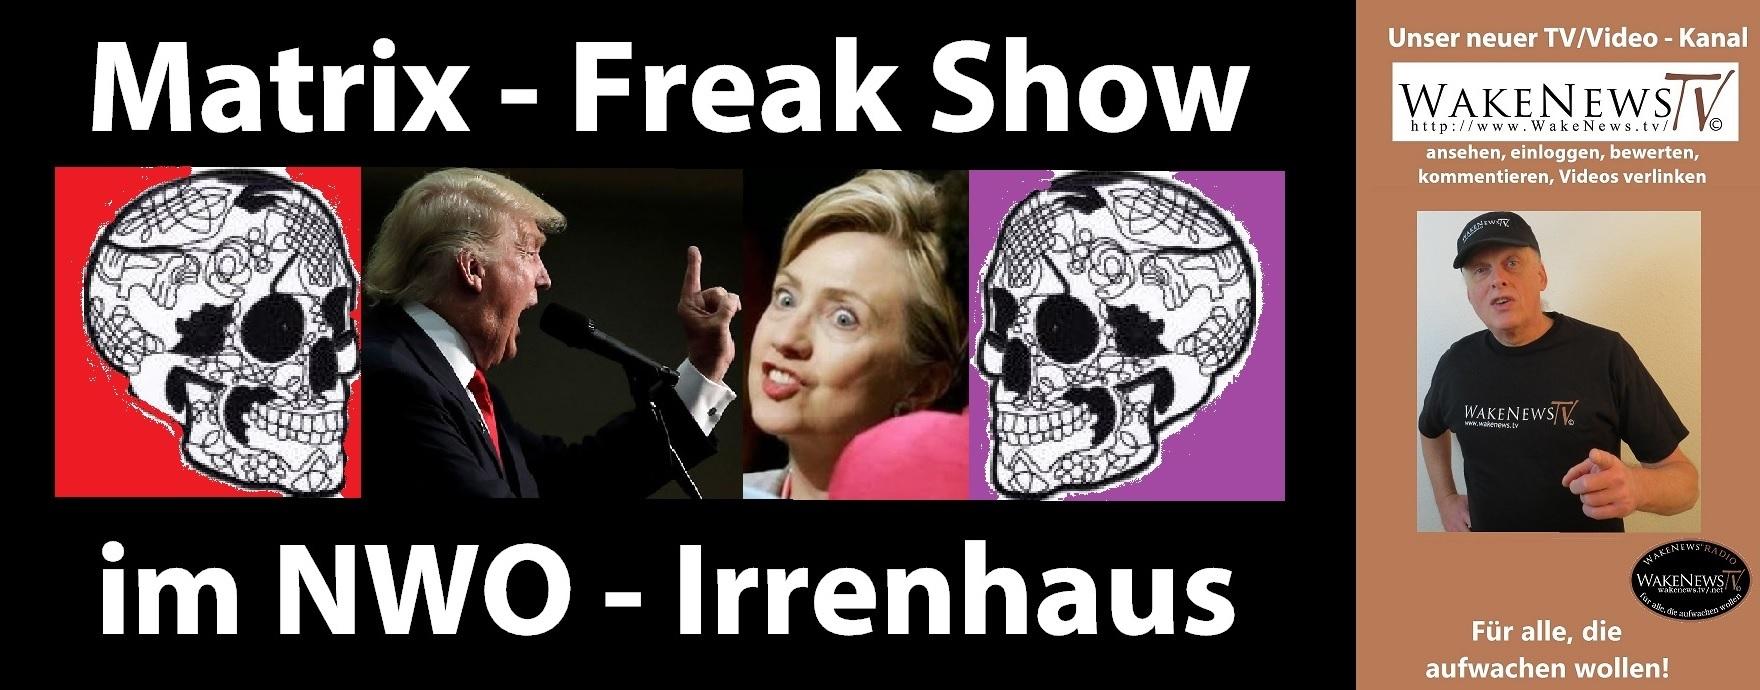 Matrix-Freak Show im NWO Irrenhaus – Wake News Radio/TV ...